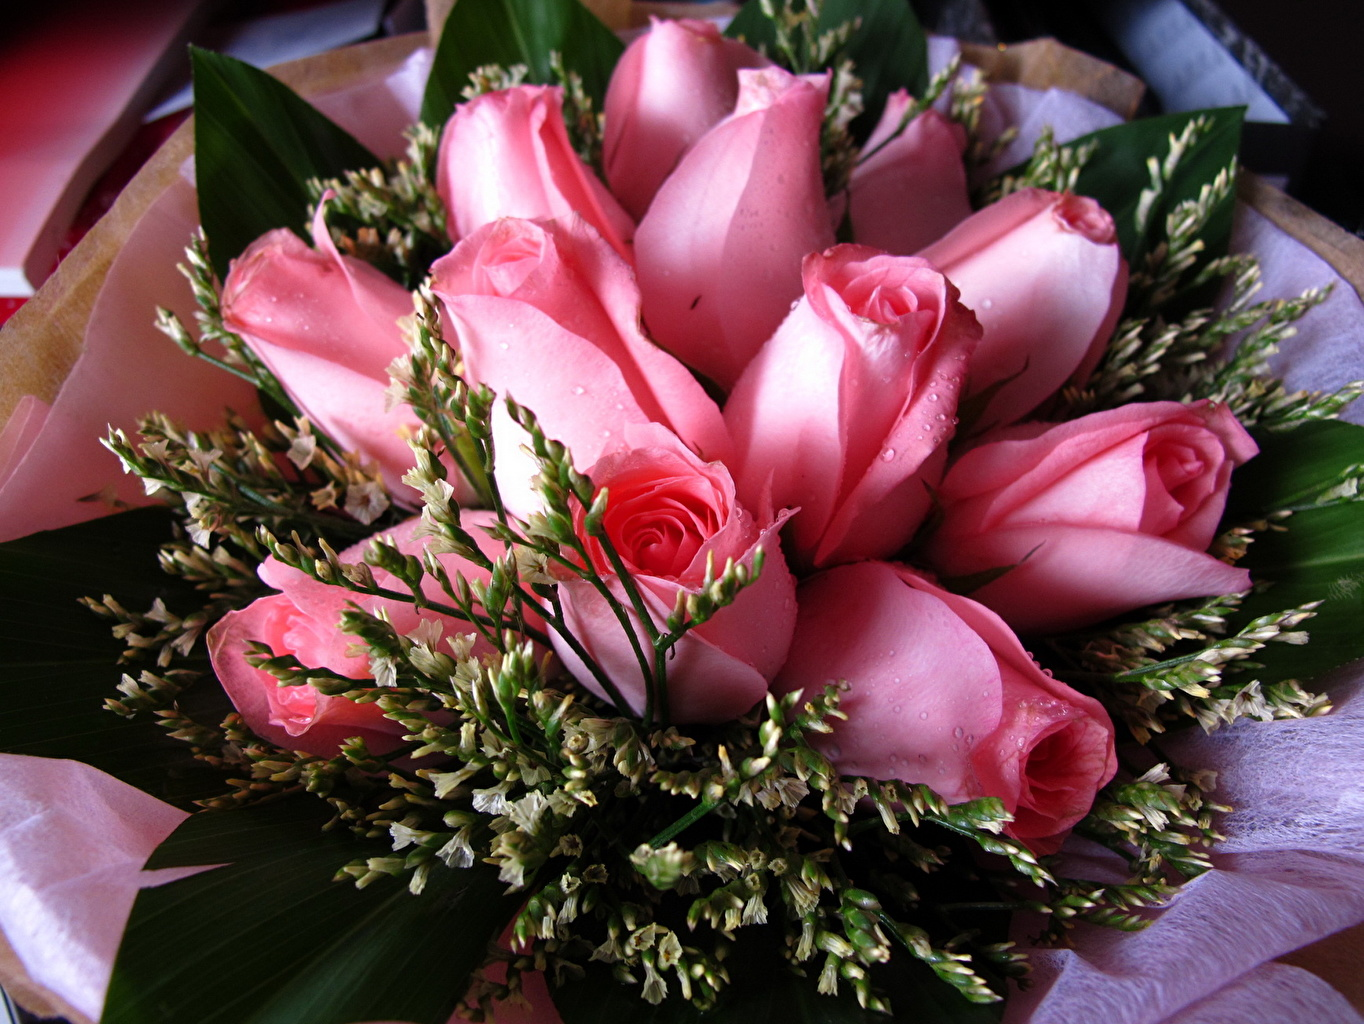 Rose Beautiful Colorful Flowers - HD Wallpaper